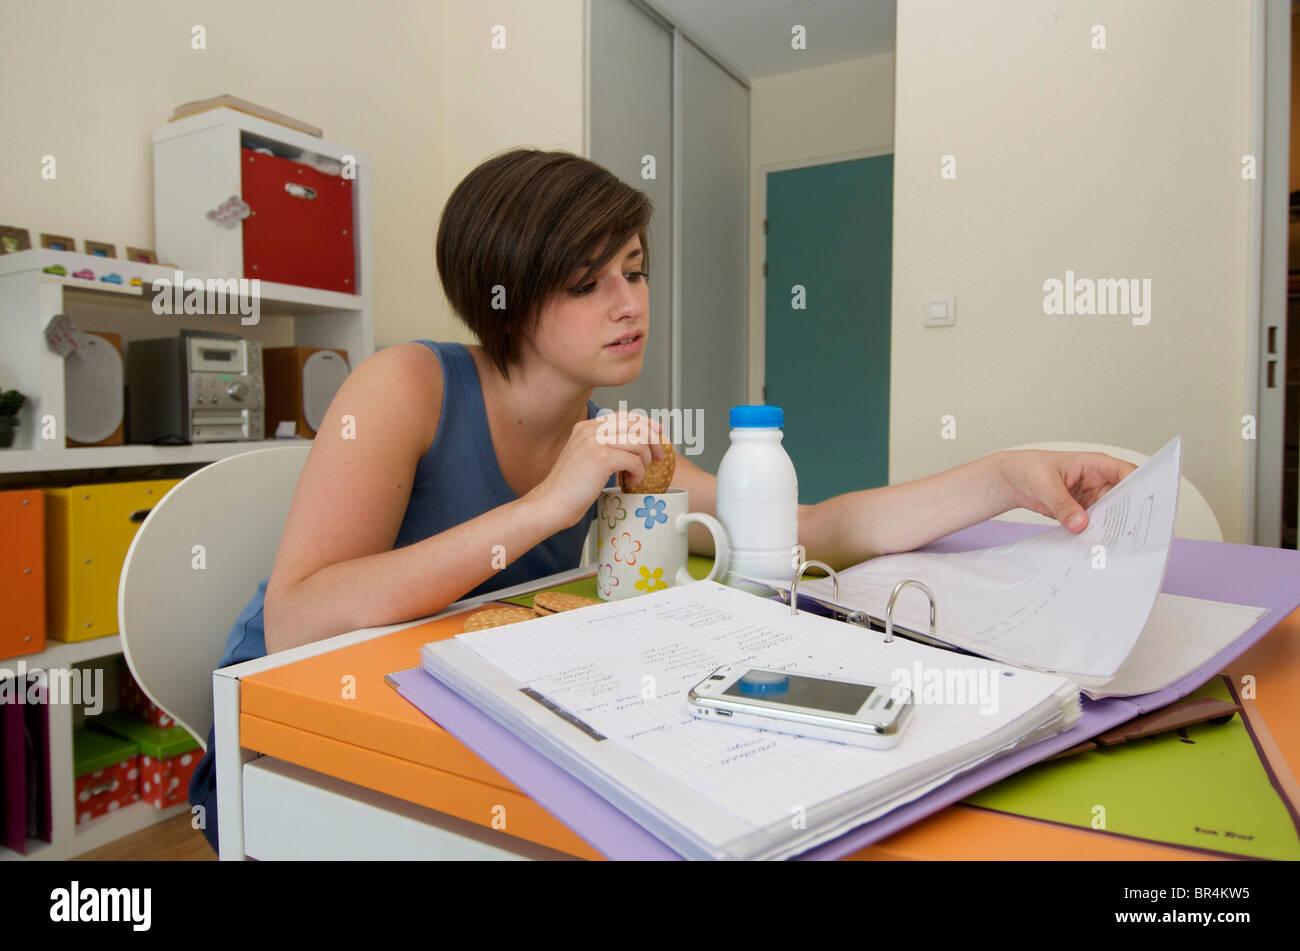 Student studieren / Revision in ihrer Universität / Hochschule Wohnung mit ihr Frühstück Stockbild